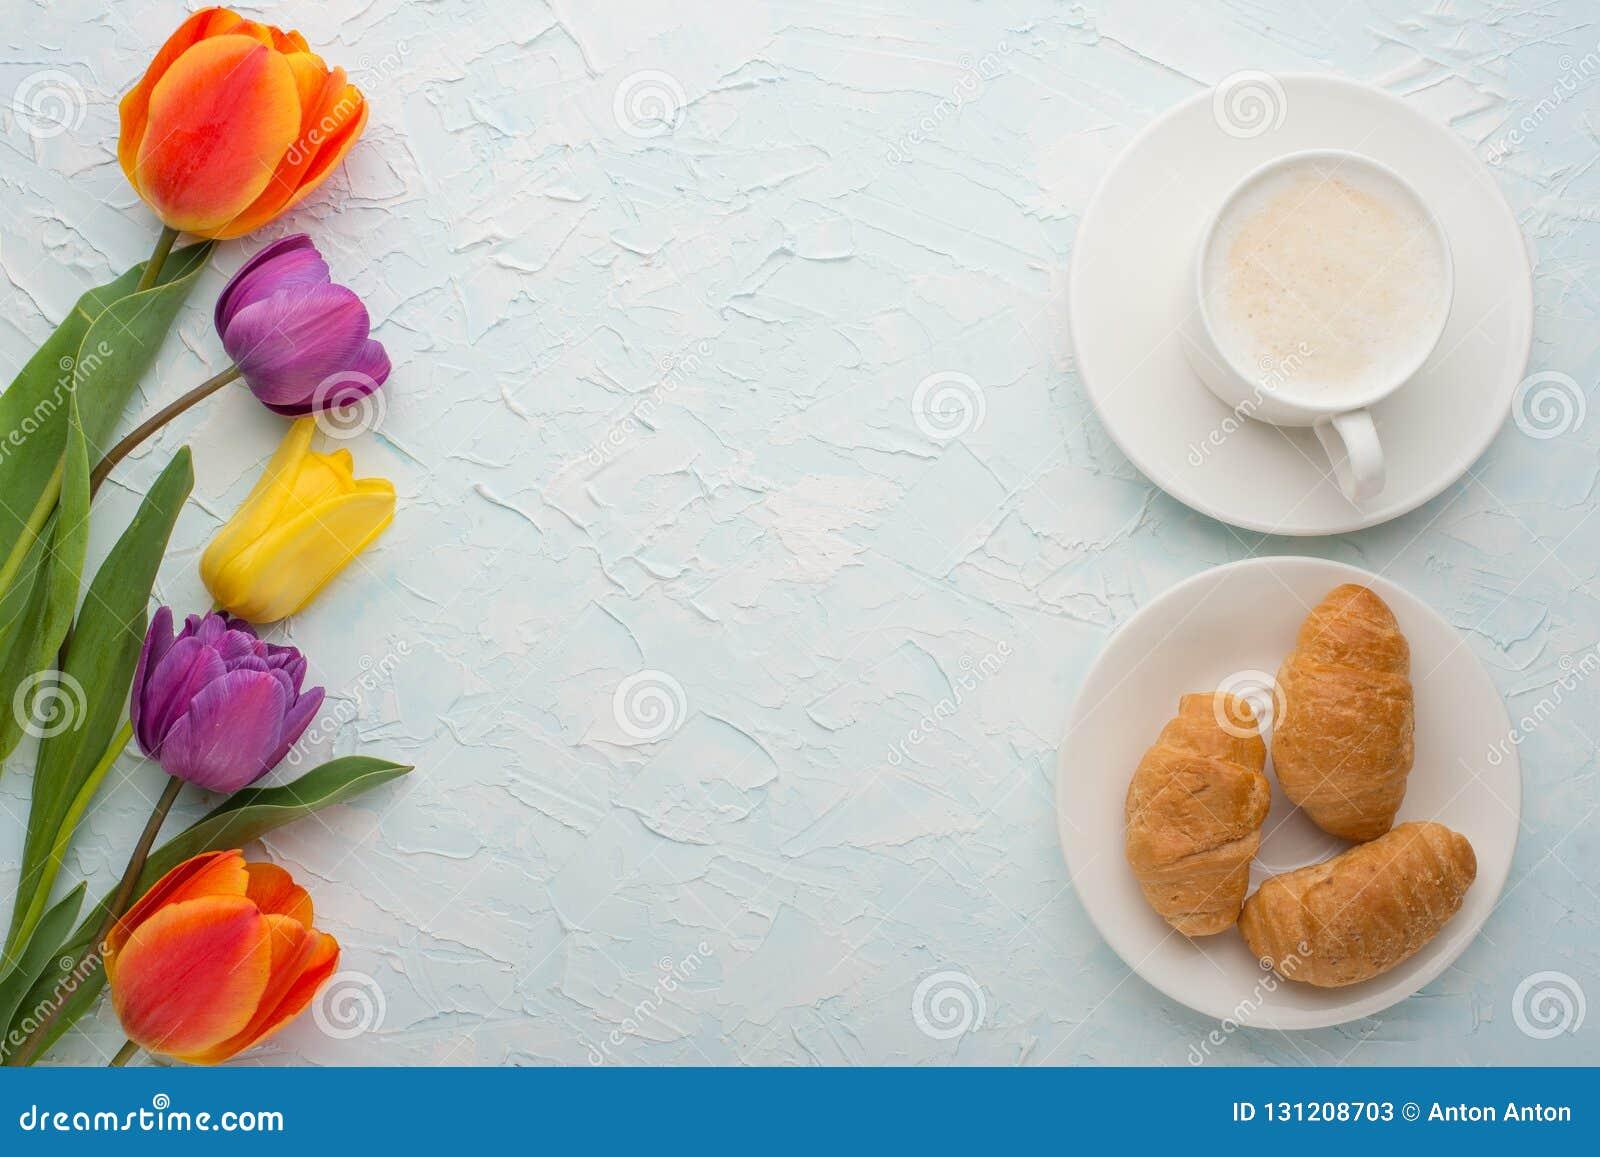 Πολύχρωμες τουλίπες με τον καφέ και croissants το ελαφρύ υπόβαθρο, τοπ άποψη, με το κενό διάστημα για το γράψιμο ή τη διαφήμιση